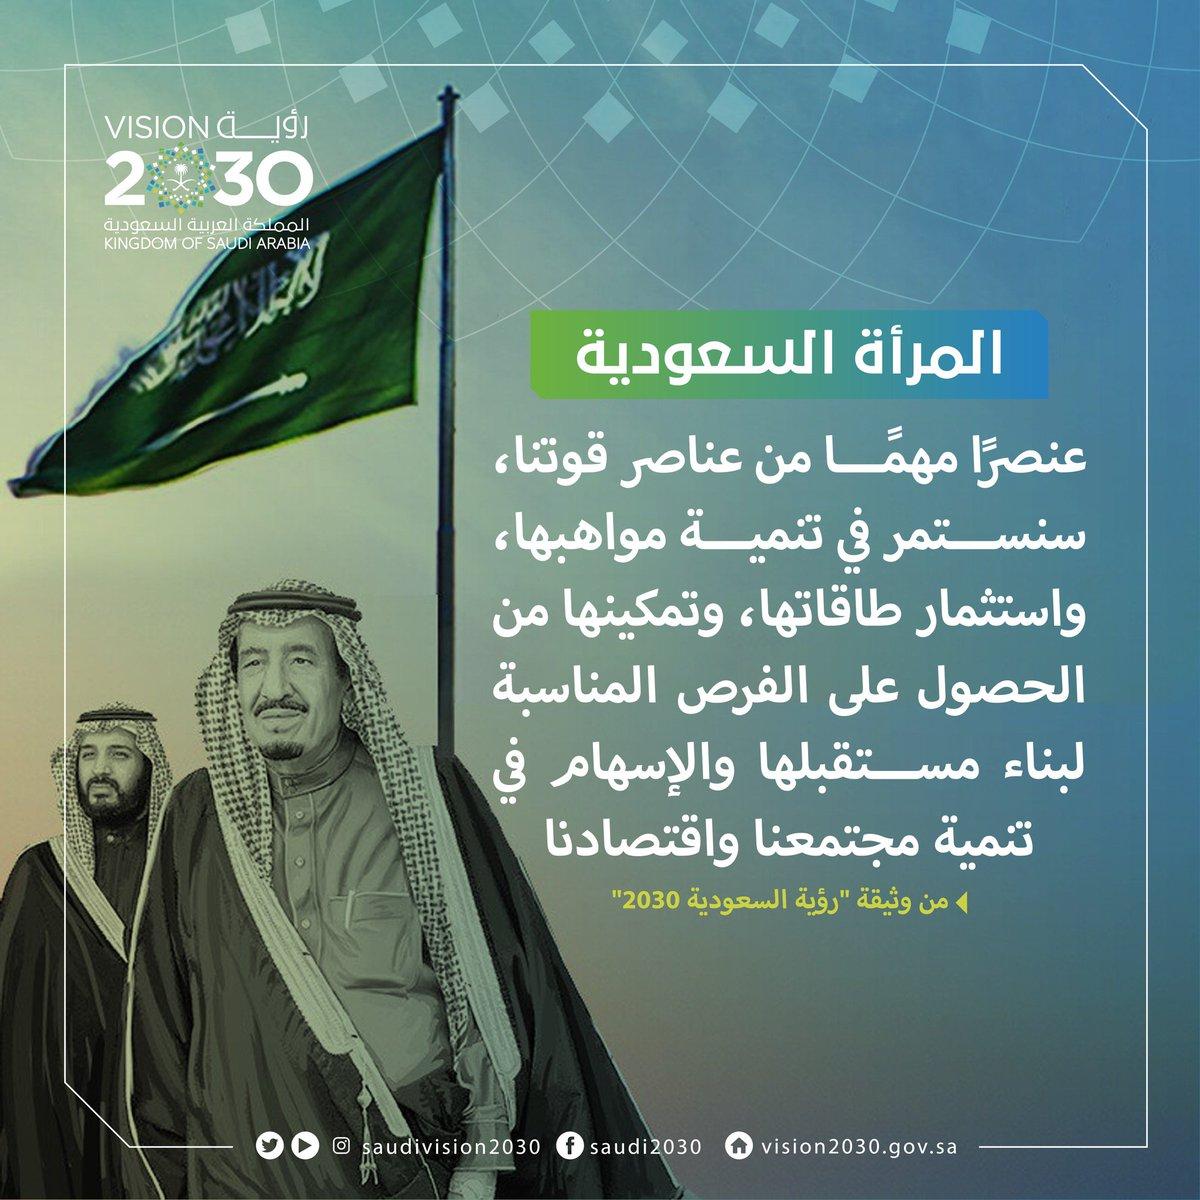 رؤية السعودية 2030 On Twitter المرأة شريك فاعل في التغيير والبناء والخطوة معها تنمية اليوم العالمي للمرأة